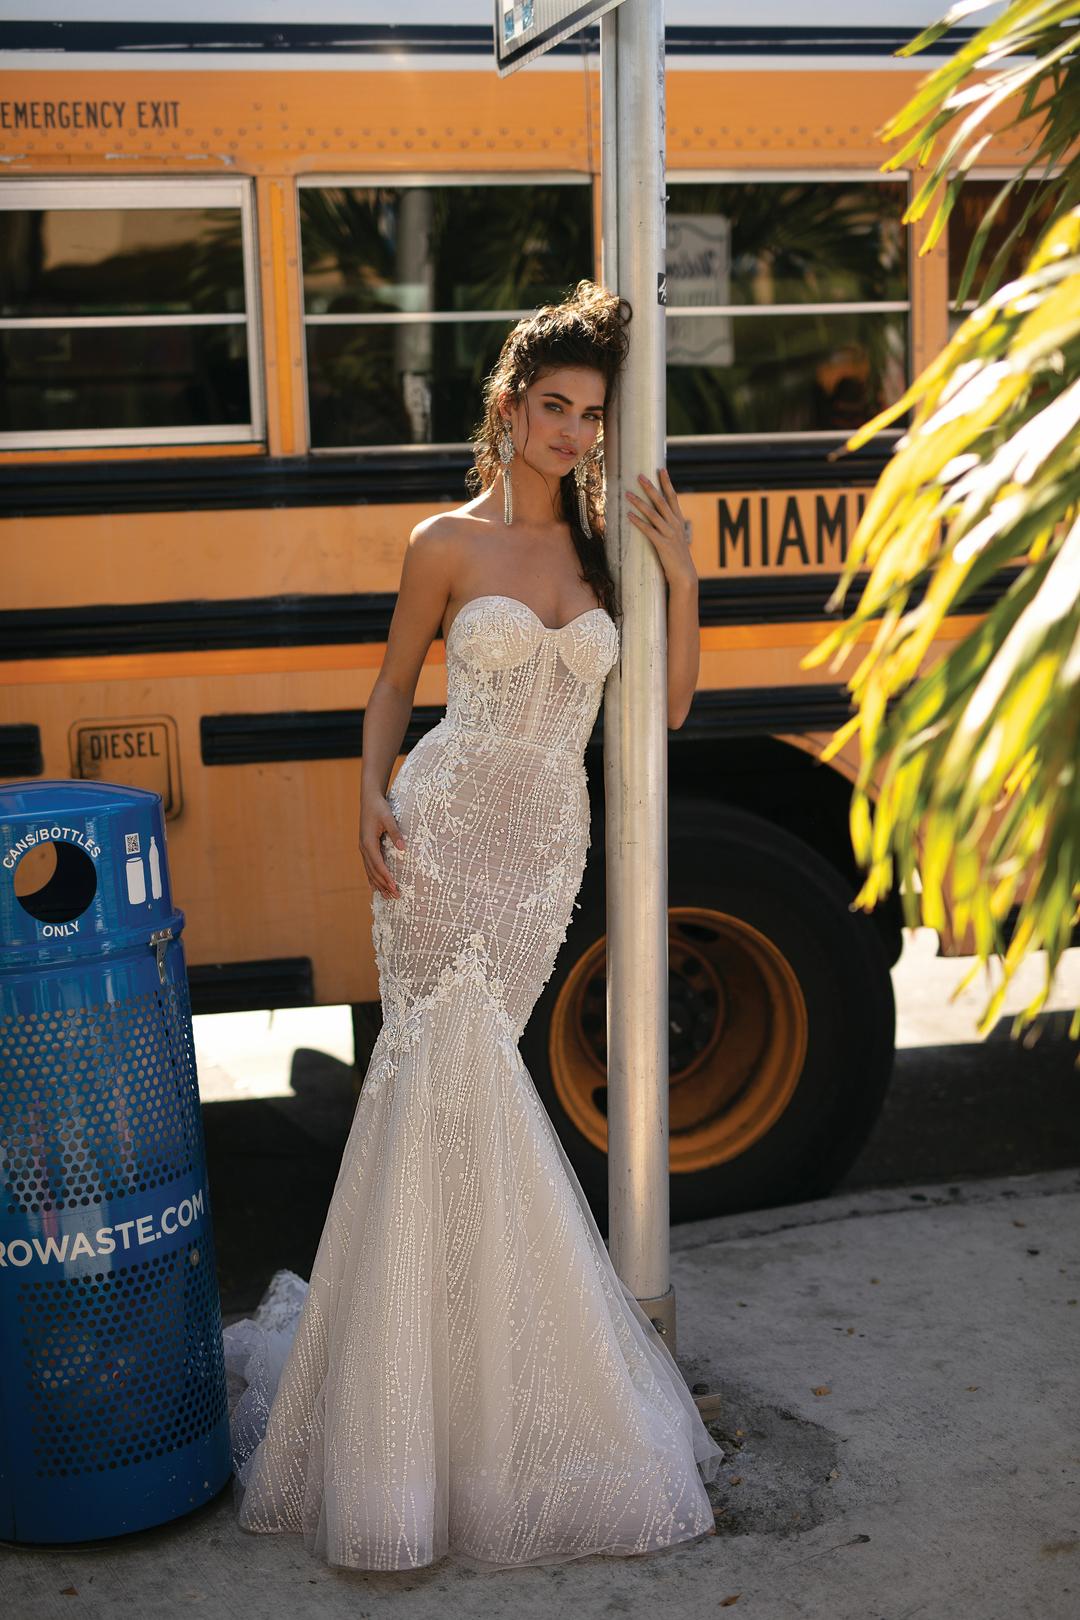 style 19 - 08 dress photo